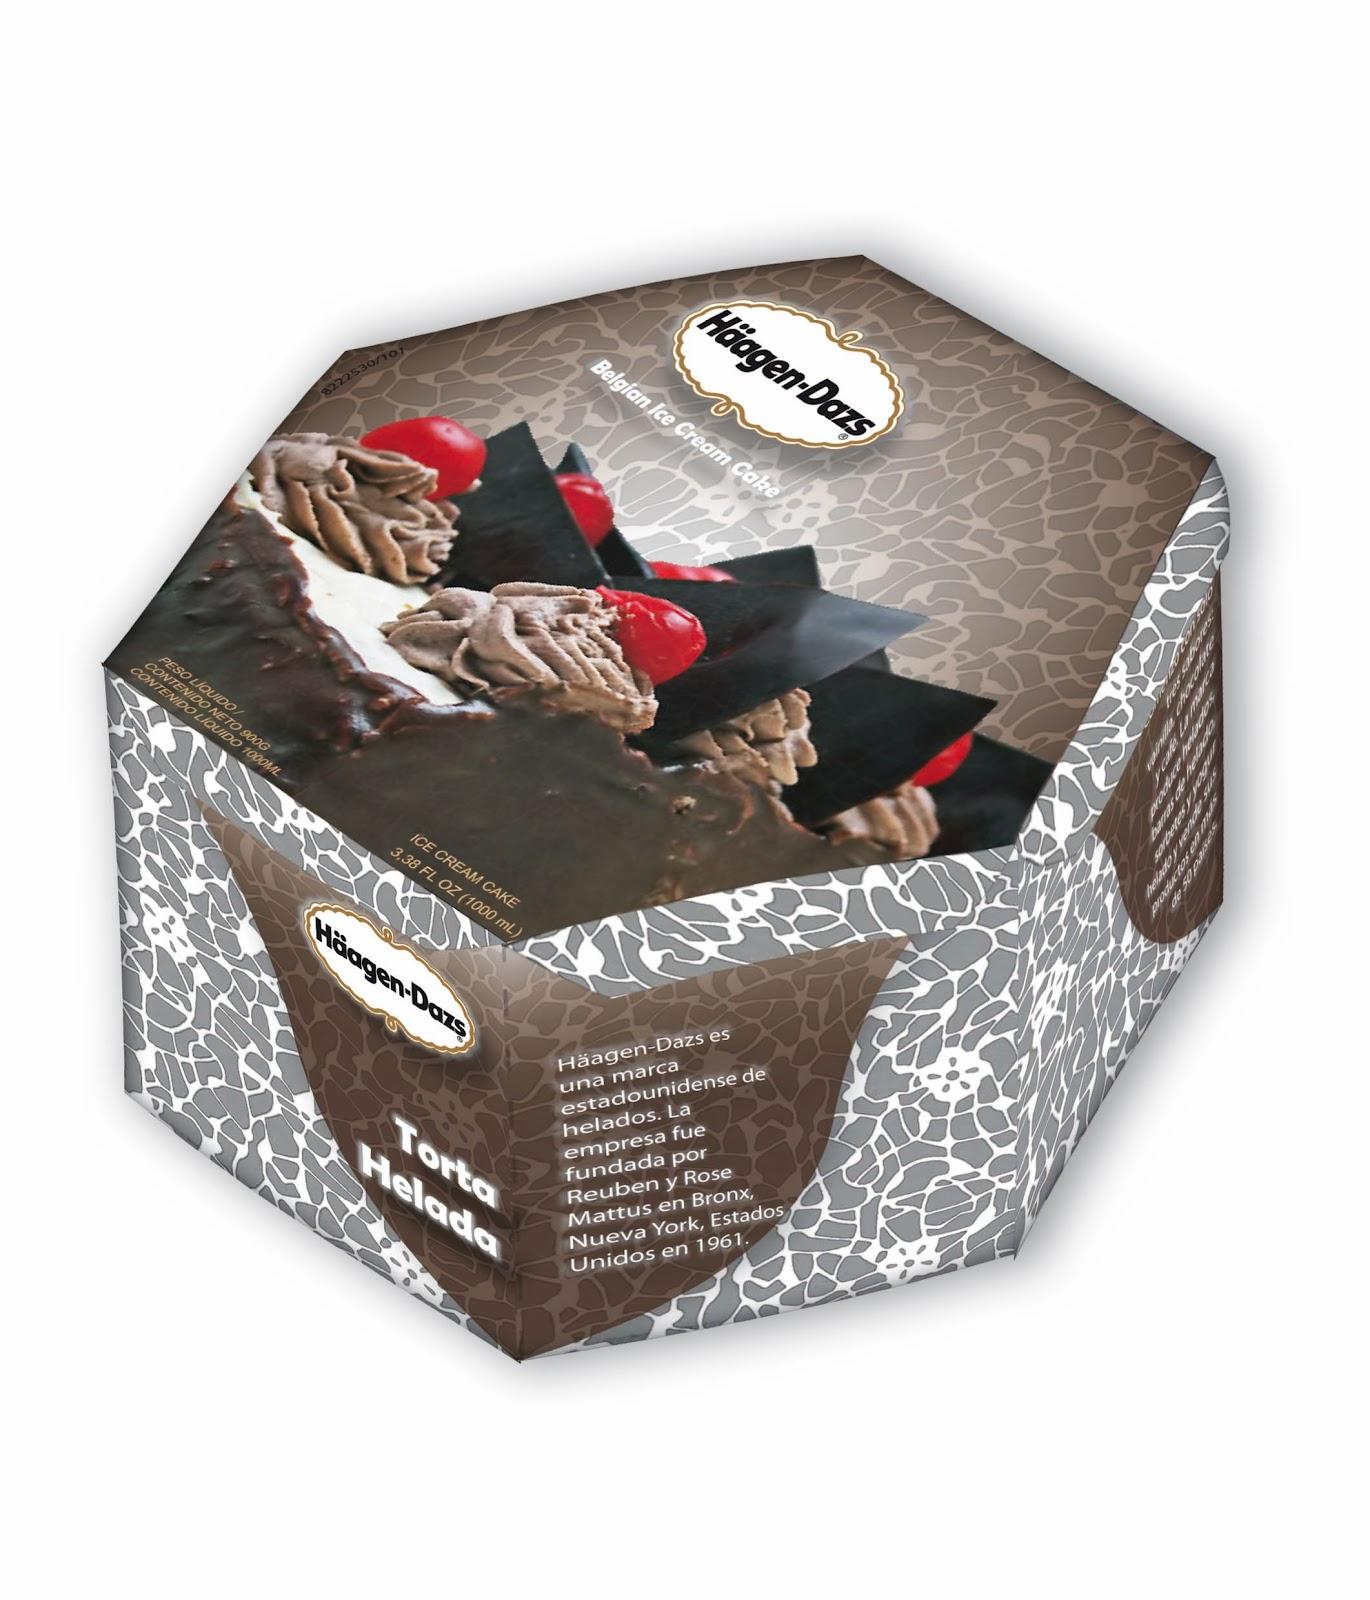 Dise o de packaging nicoceo for Diseno de packaging pdf